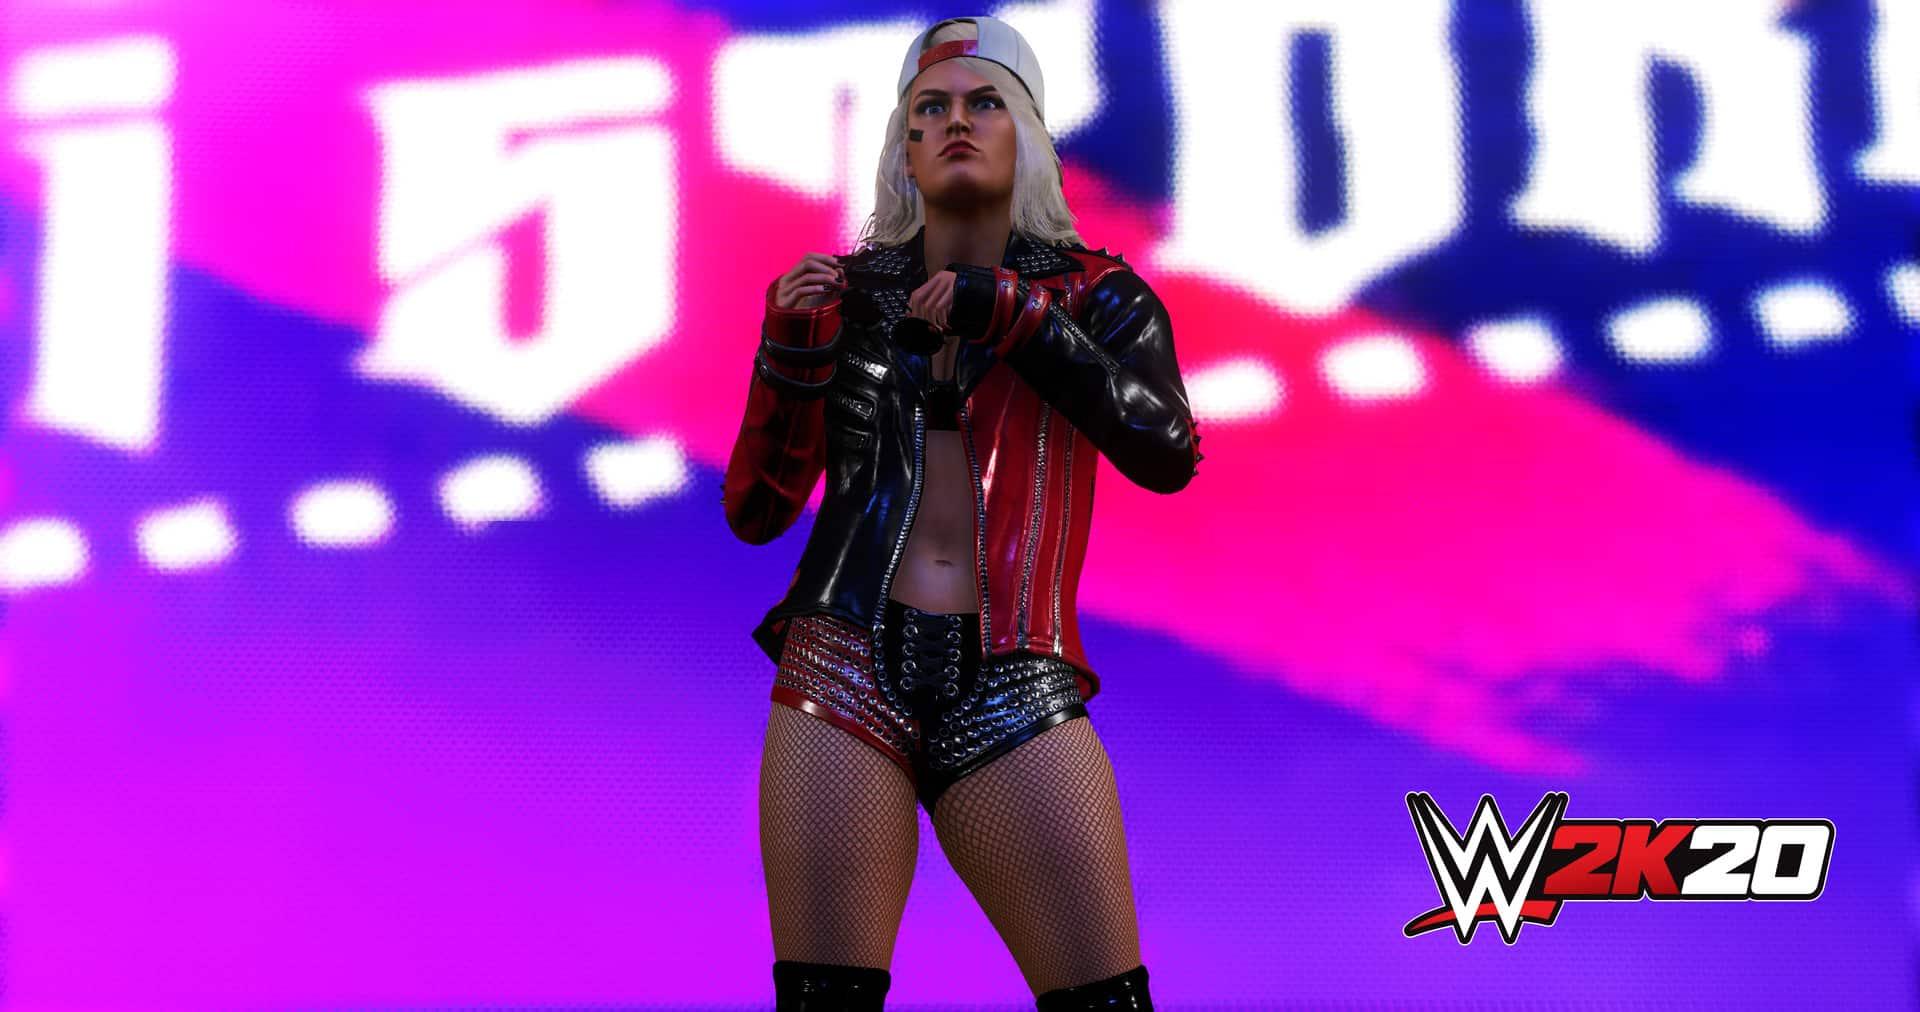 خرید دی ال سی WWE 2K20 اسکرین شات 4